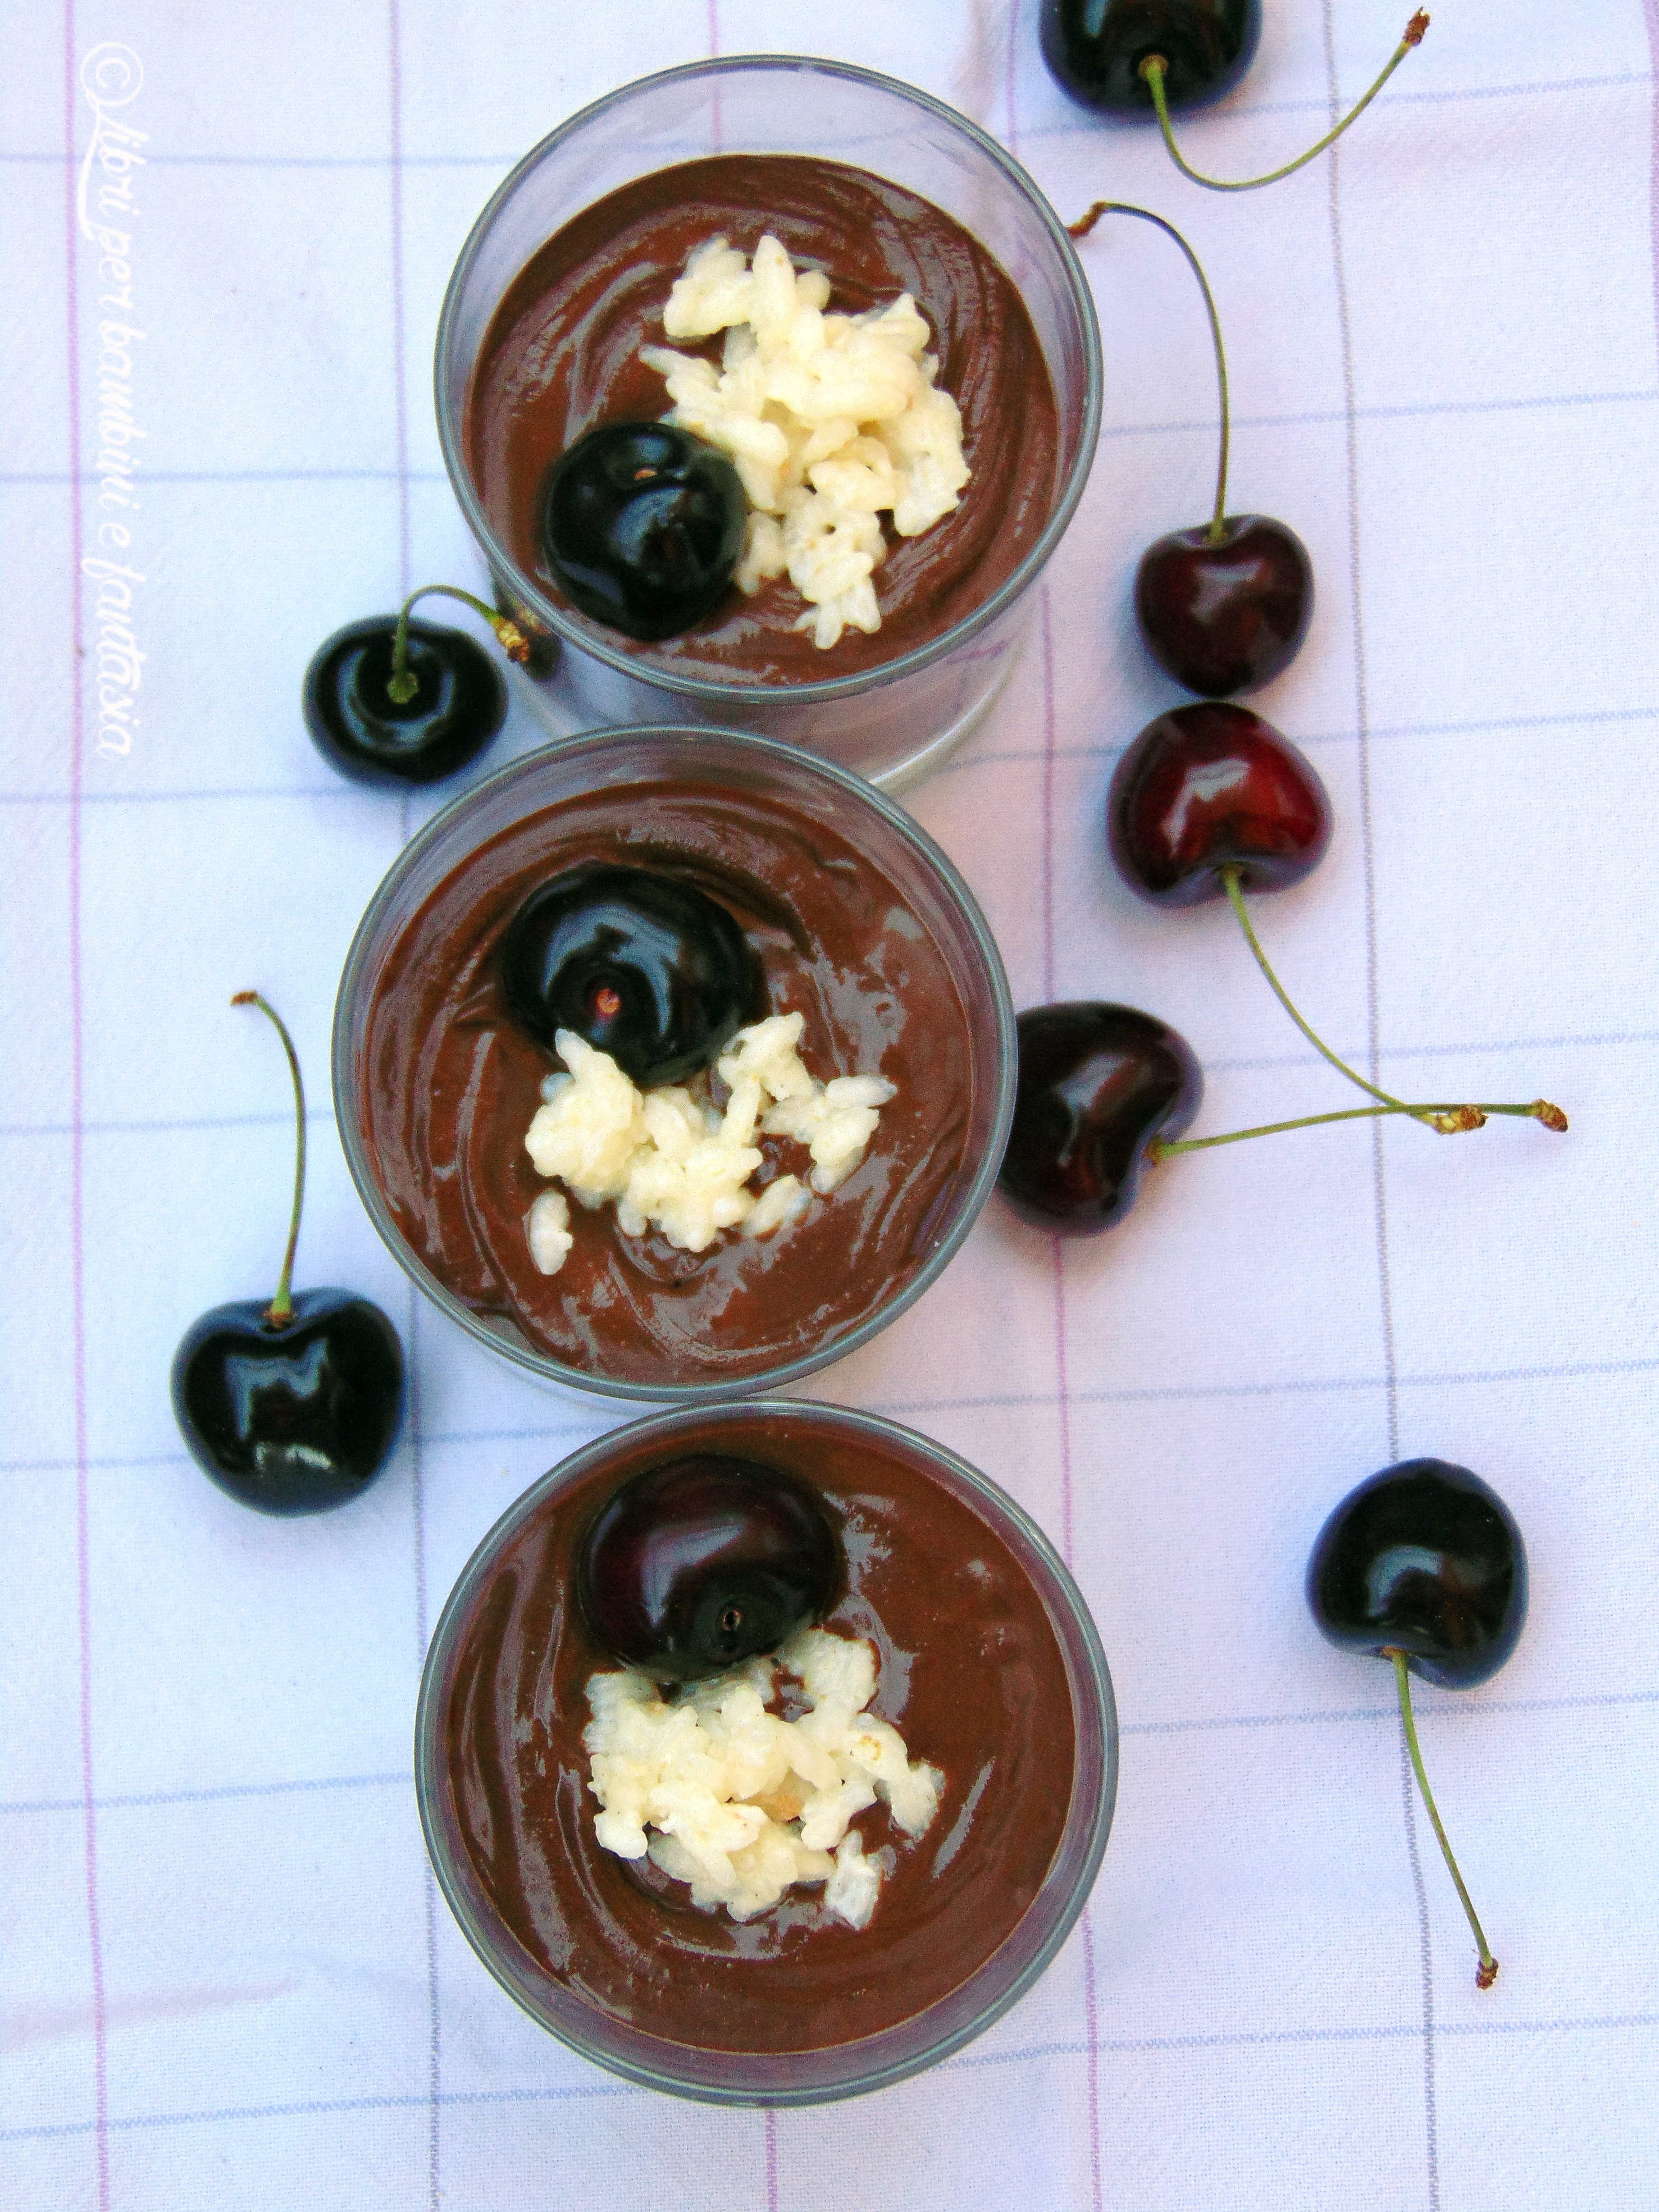 mousse al cioccolato e risolatte6